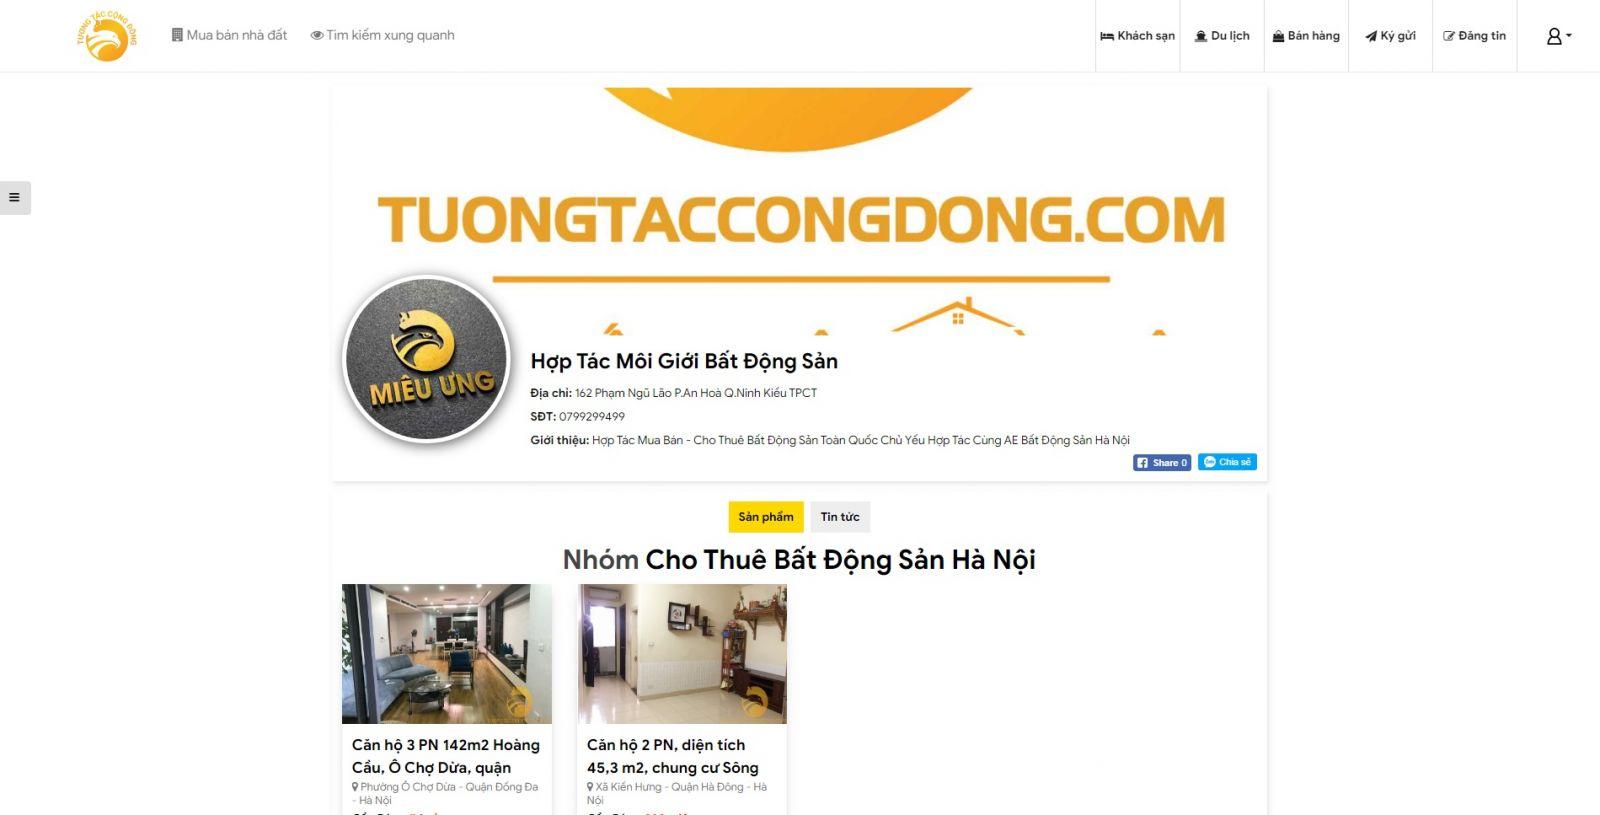 Hình ảnh Tính Năng Trang Page - tuongtaccongdong.com